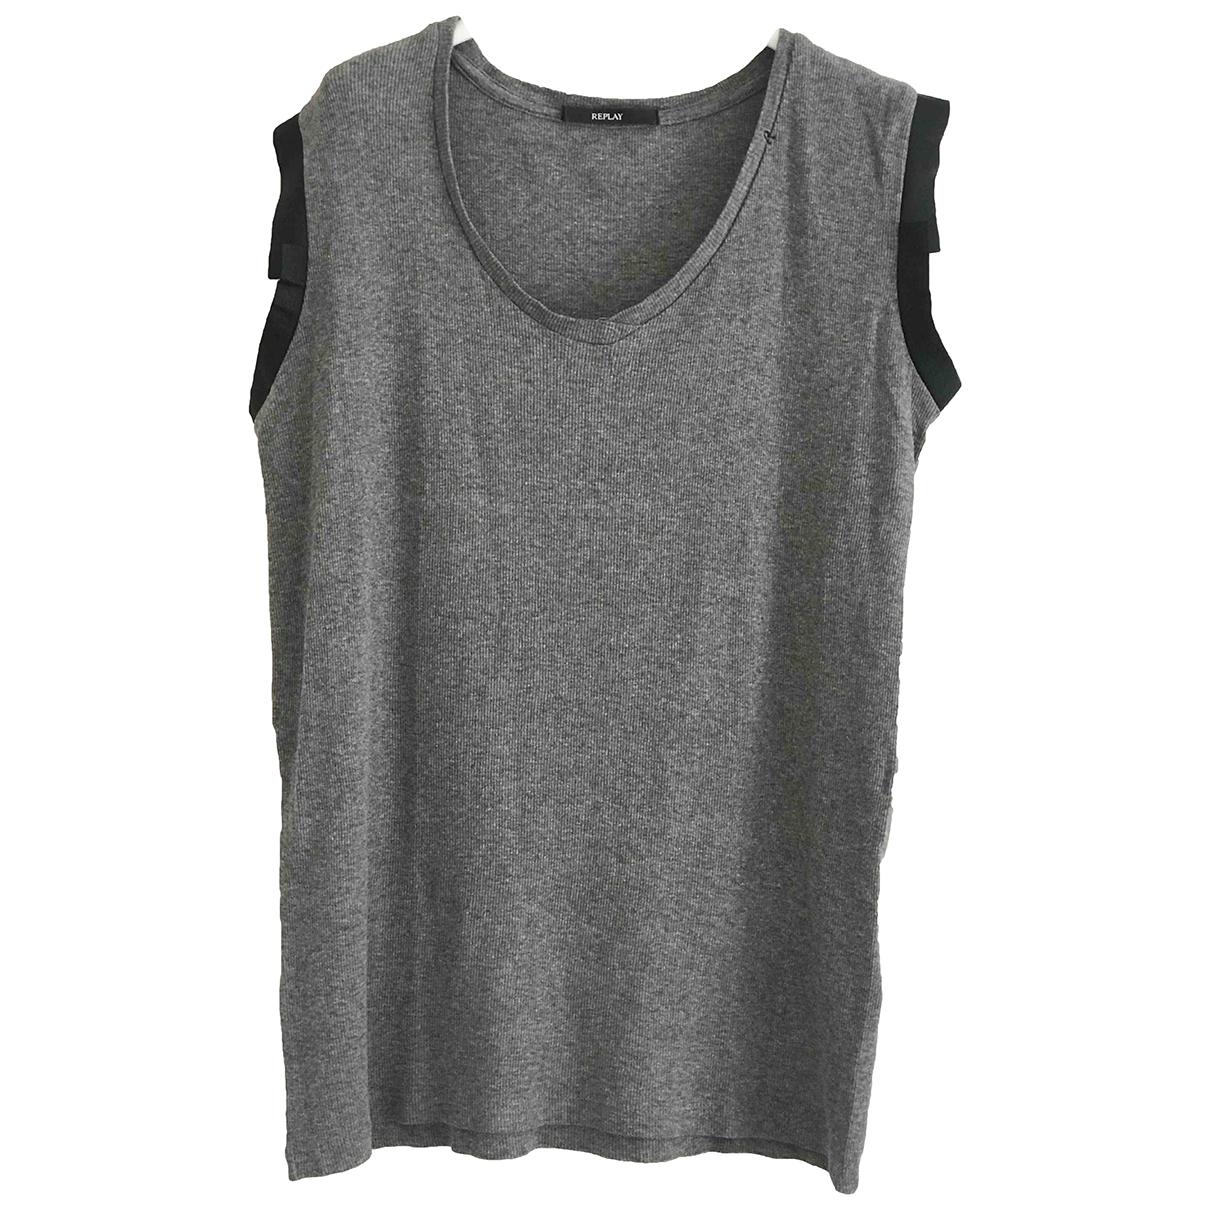 Replay - Top   pour femme en coton - gris